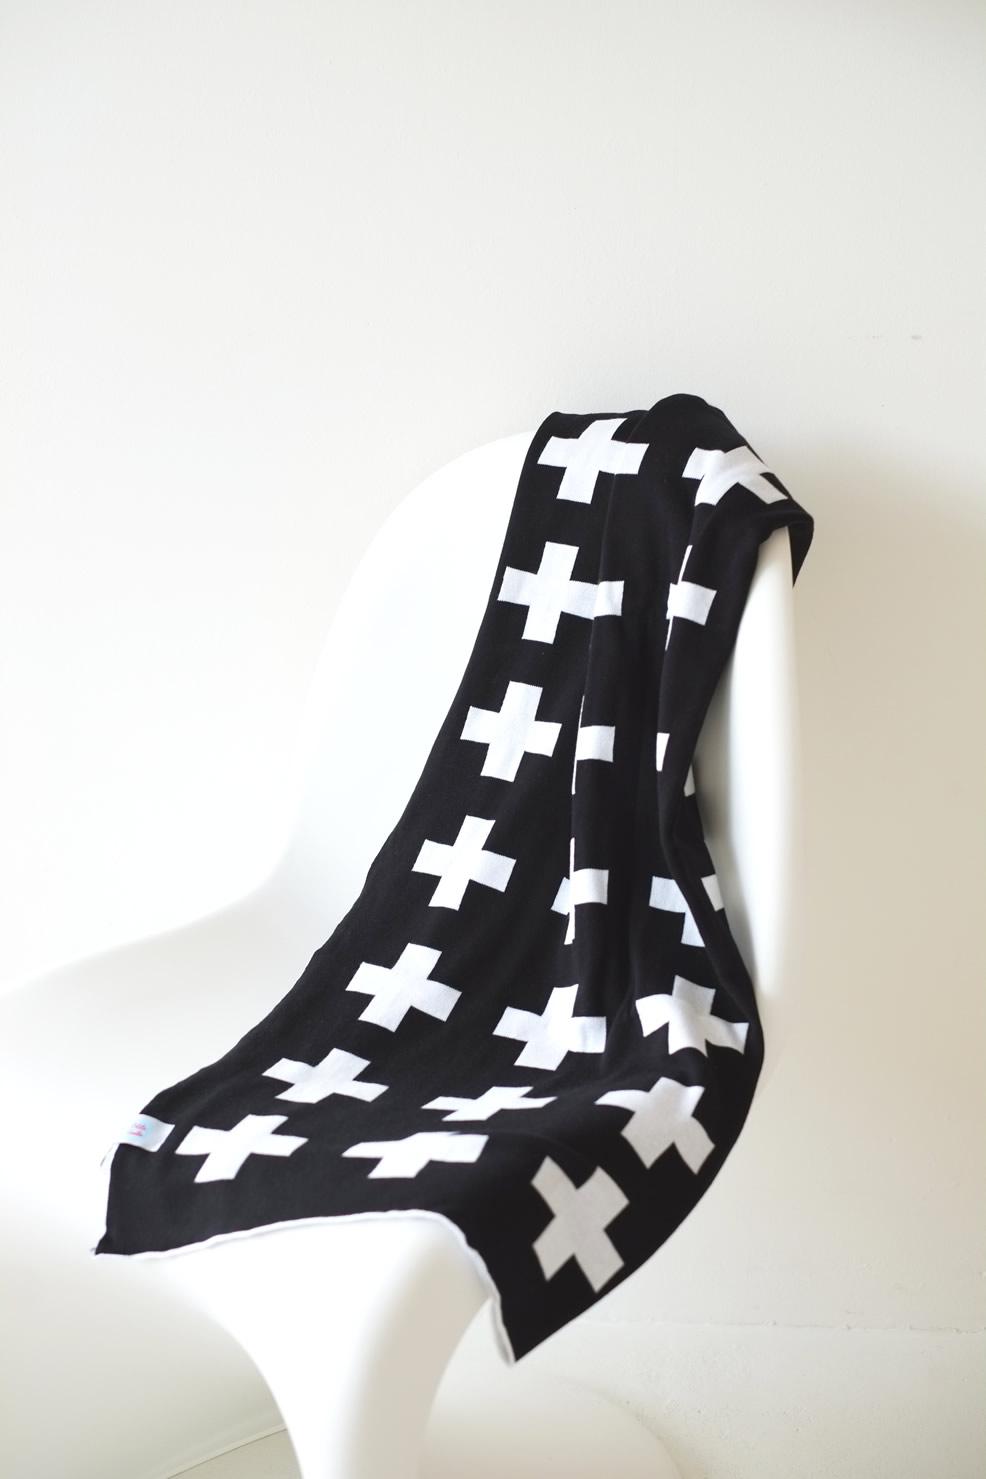 Nouveauté couverture bébé graphique noir et blanc pour berceau